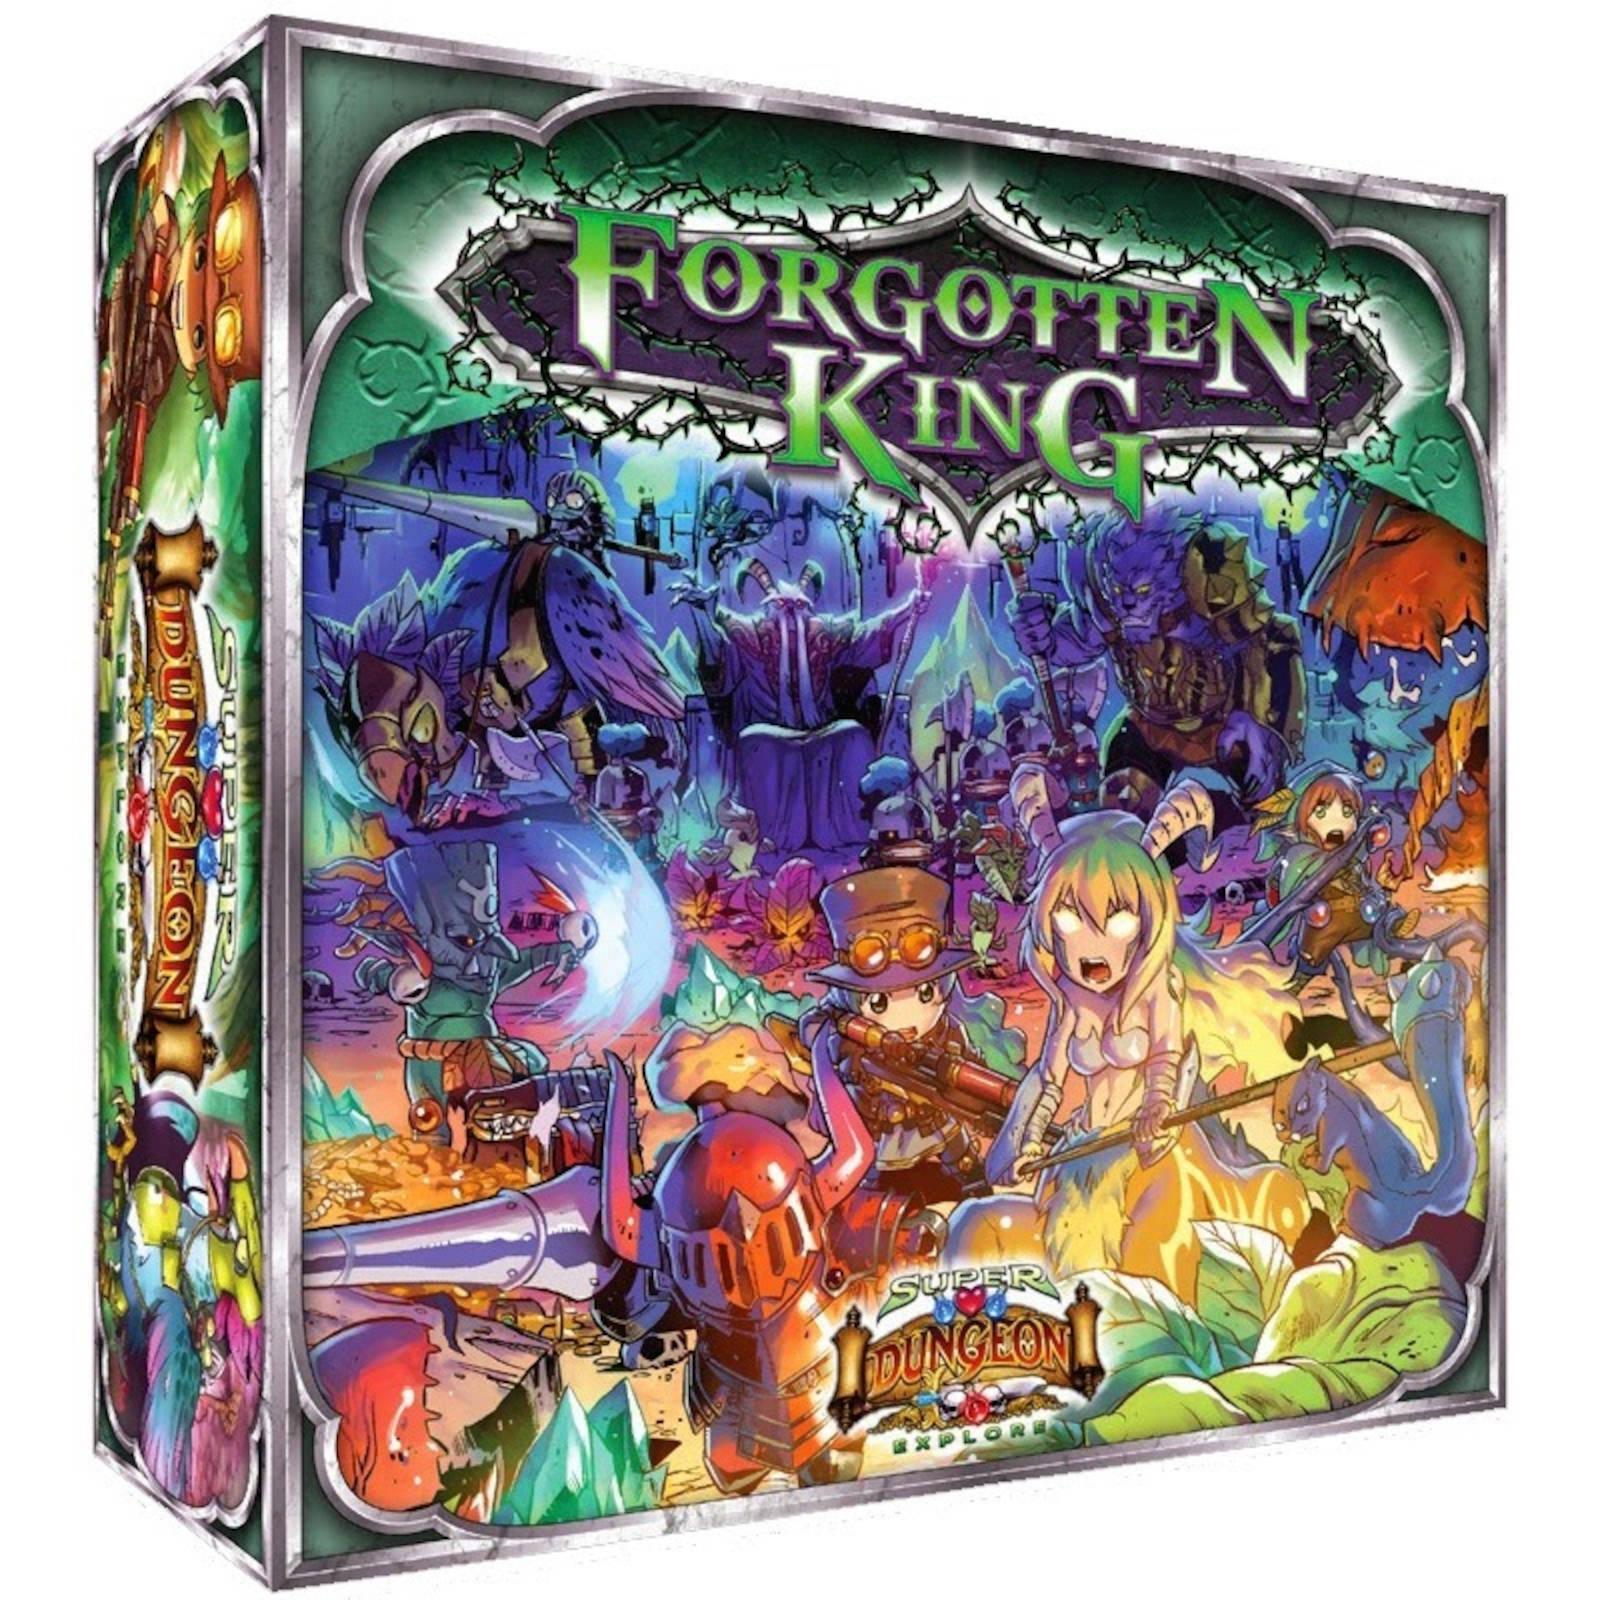 SUPER Dungeon Explore V2 dimenticata re  tavola gioco dtuttia Soda Pop Miniatures  autorizzazione